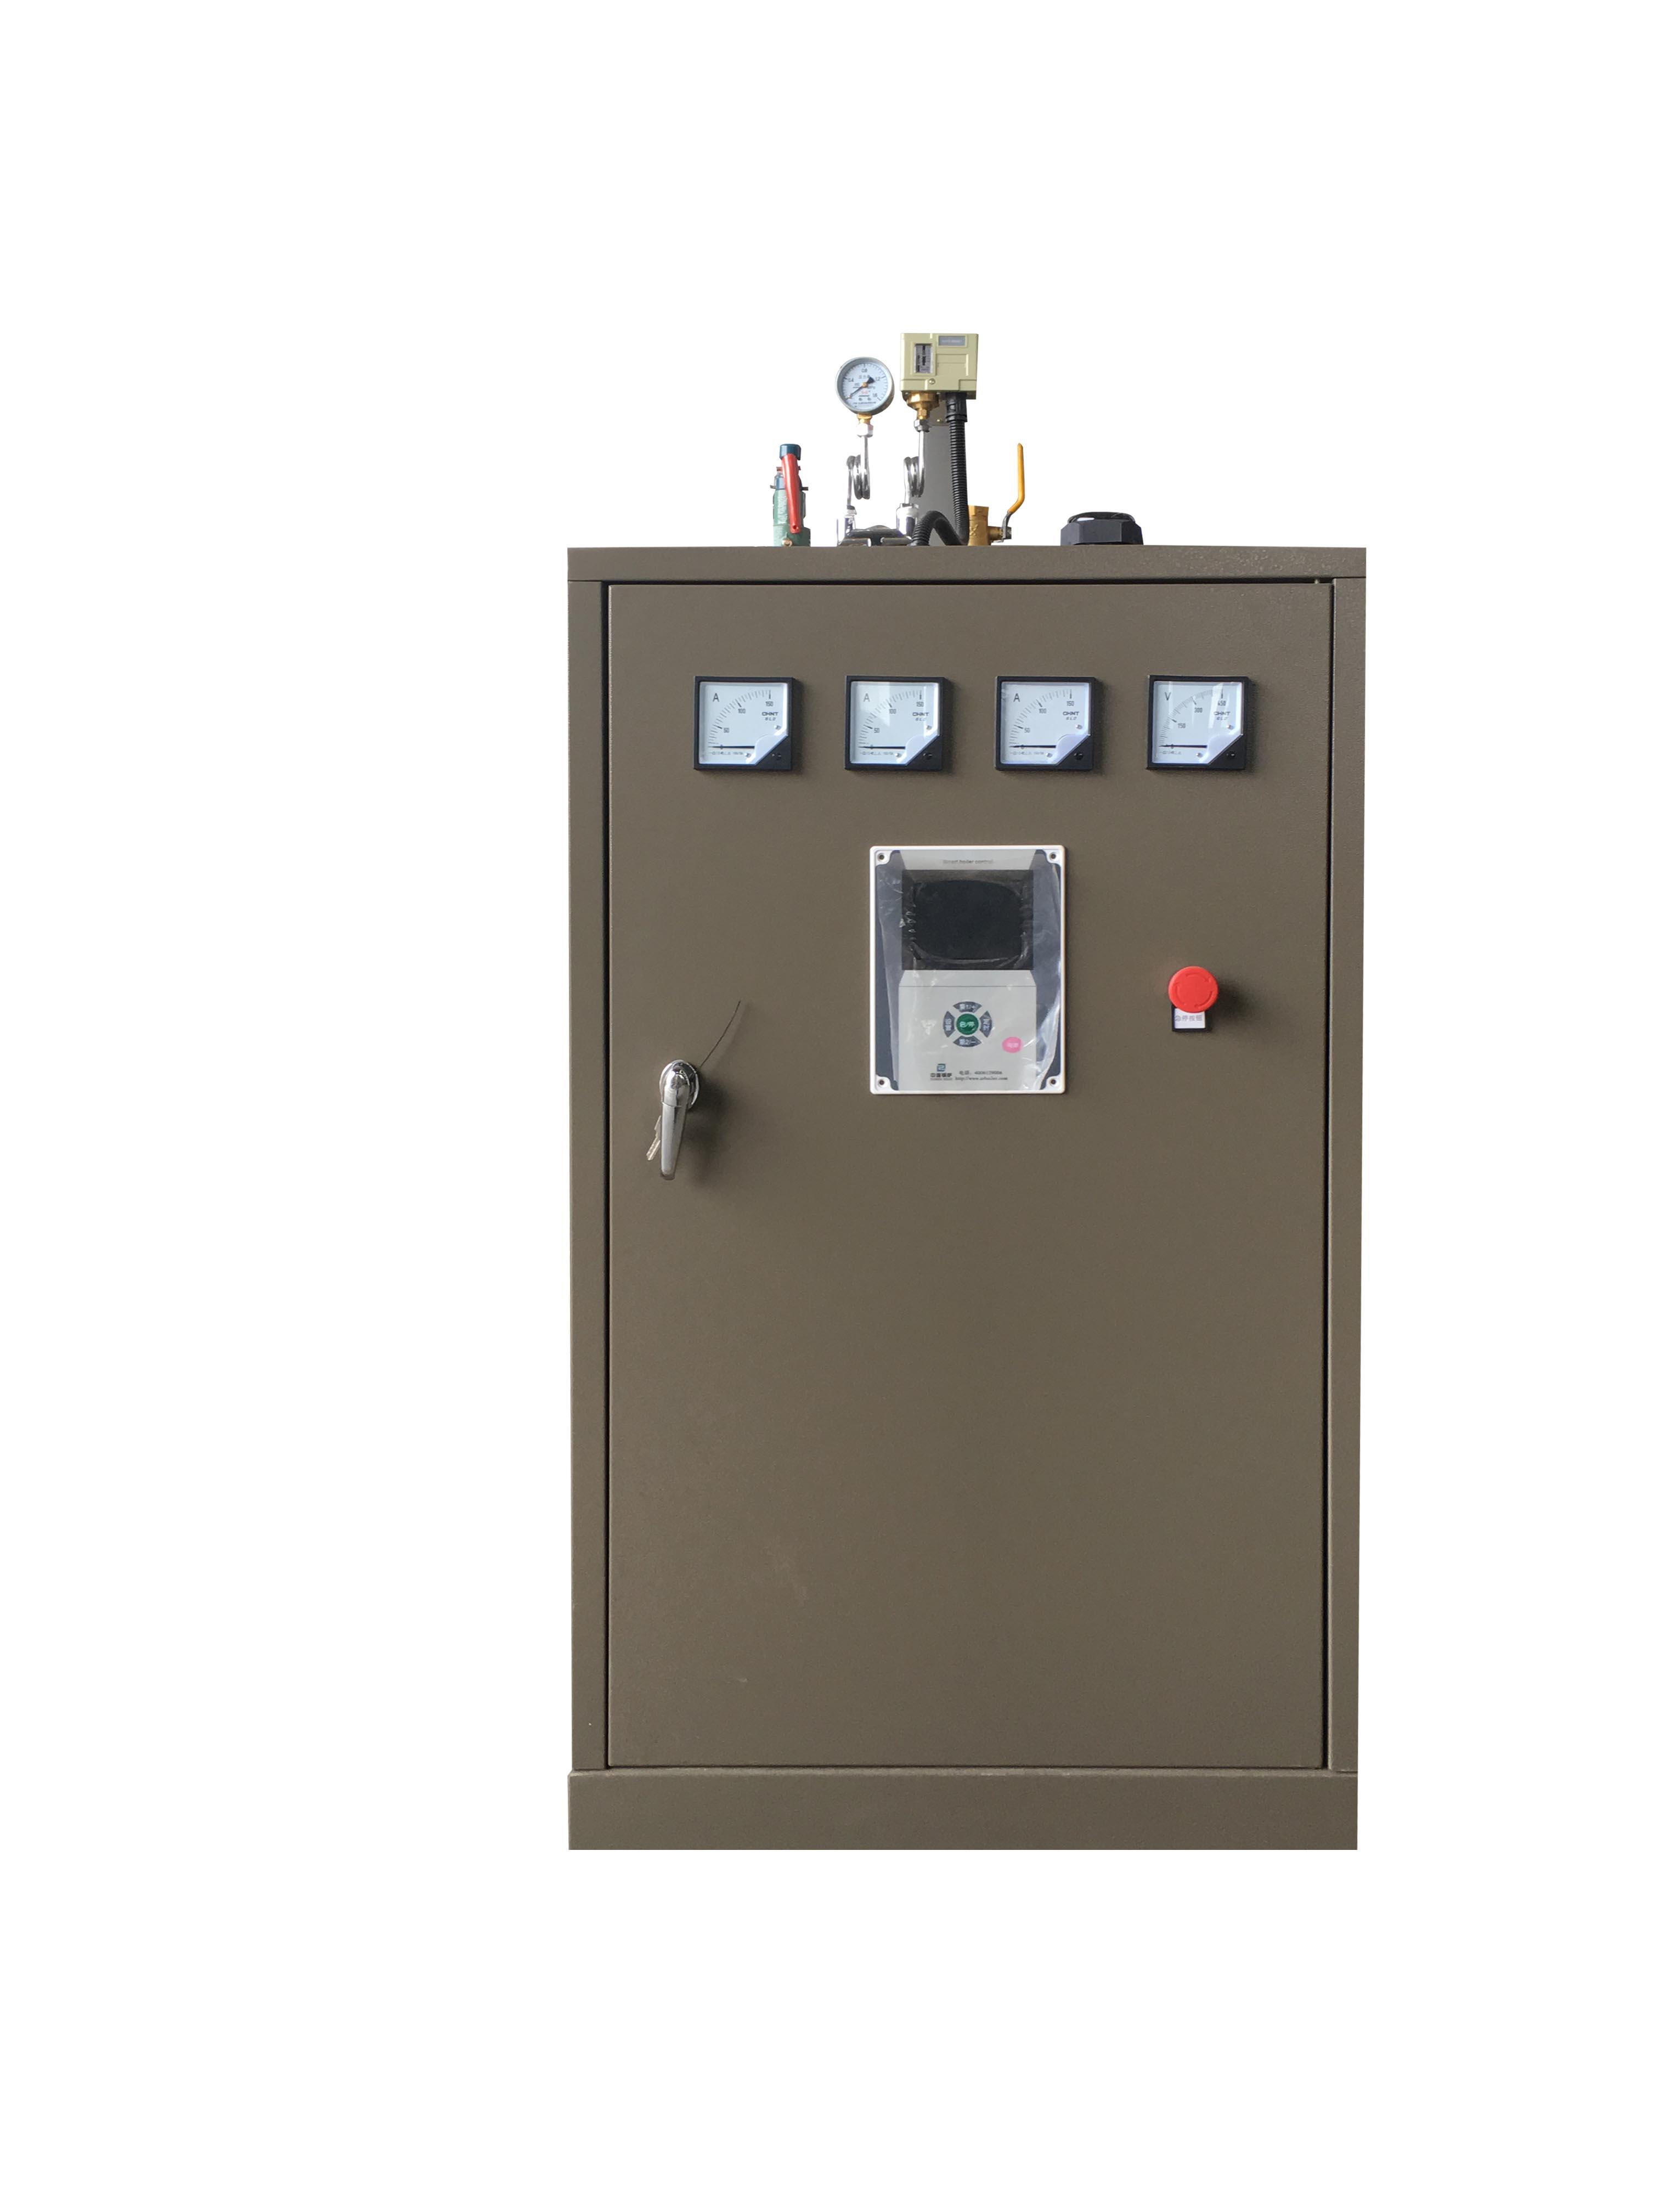 厂家直销LDR电蒸汽发生器电蒸汽锅炉免检全自动节能环保工业蒸煮加热烘干换热用